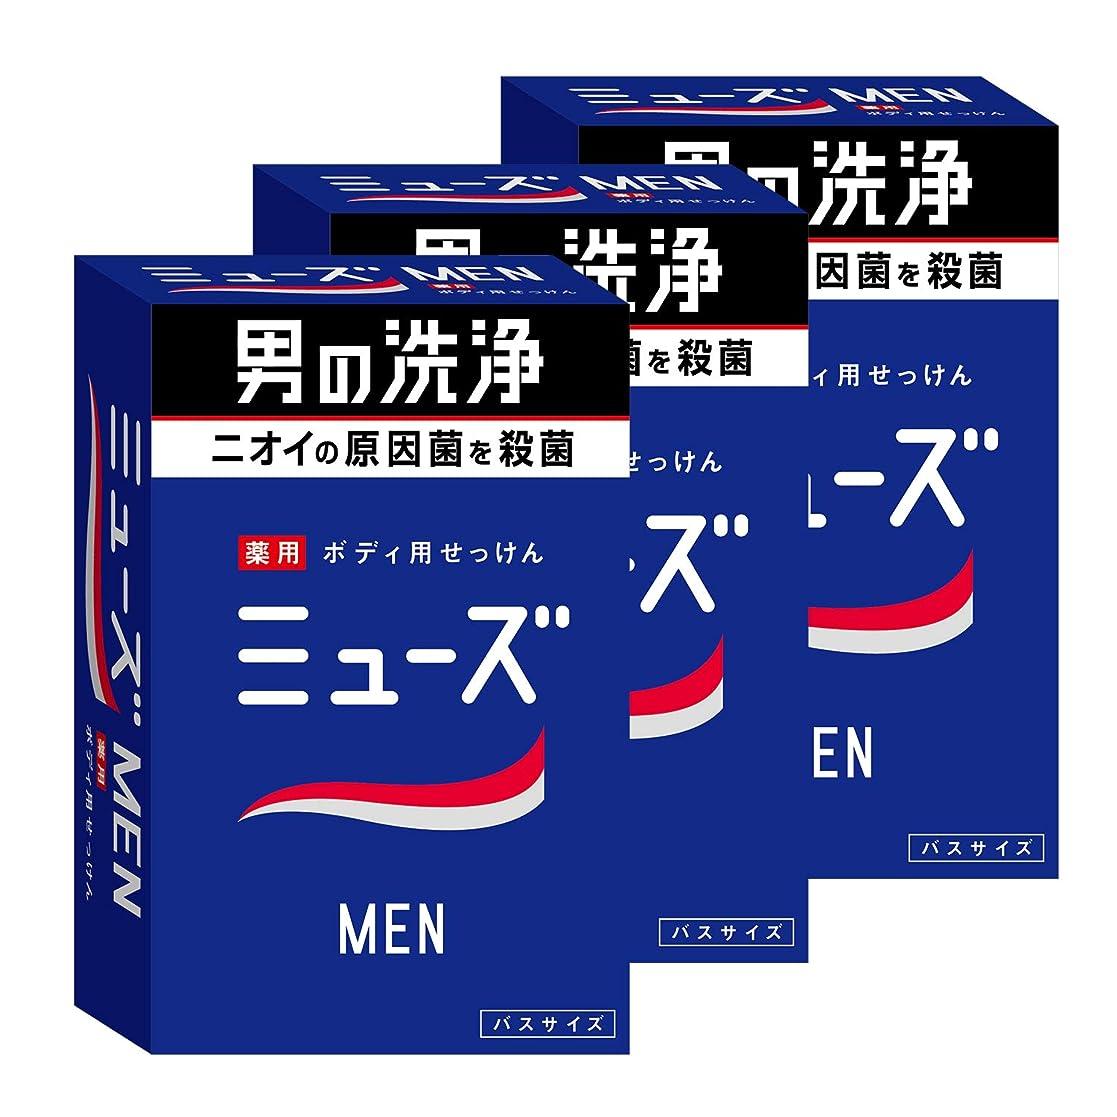 ピン仮装我慢する【医薬部外品】ミューズメン ボディ用 石鹸 135g ×3個 消臭